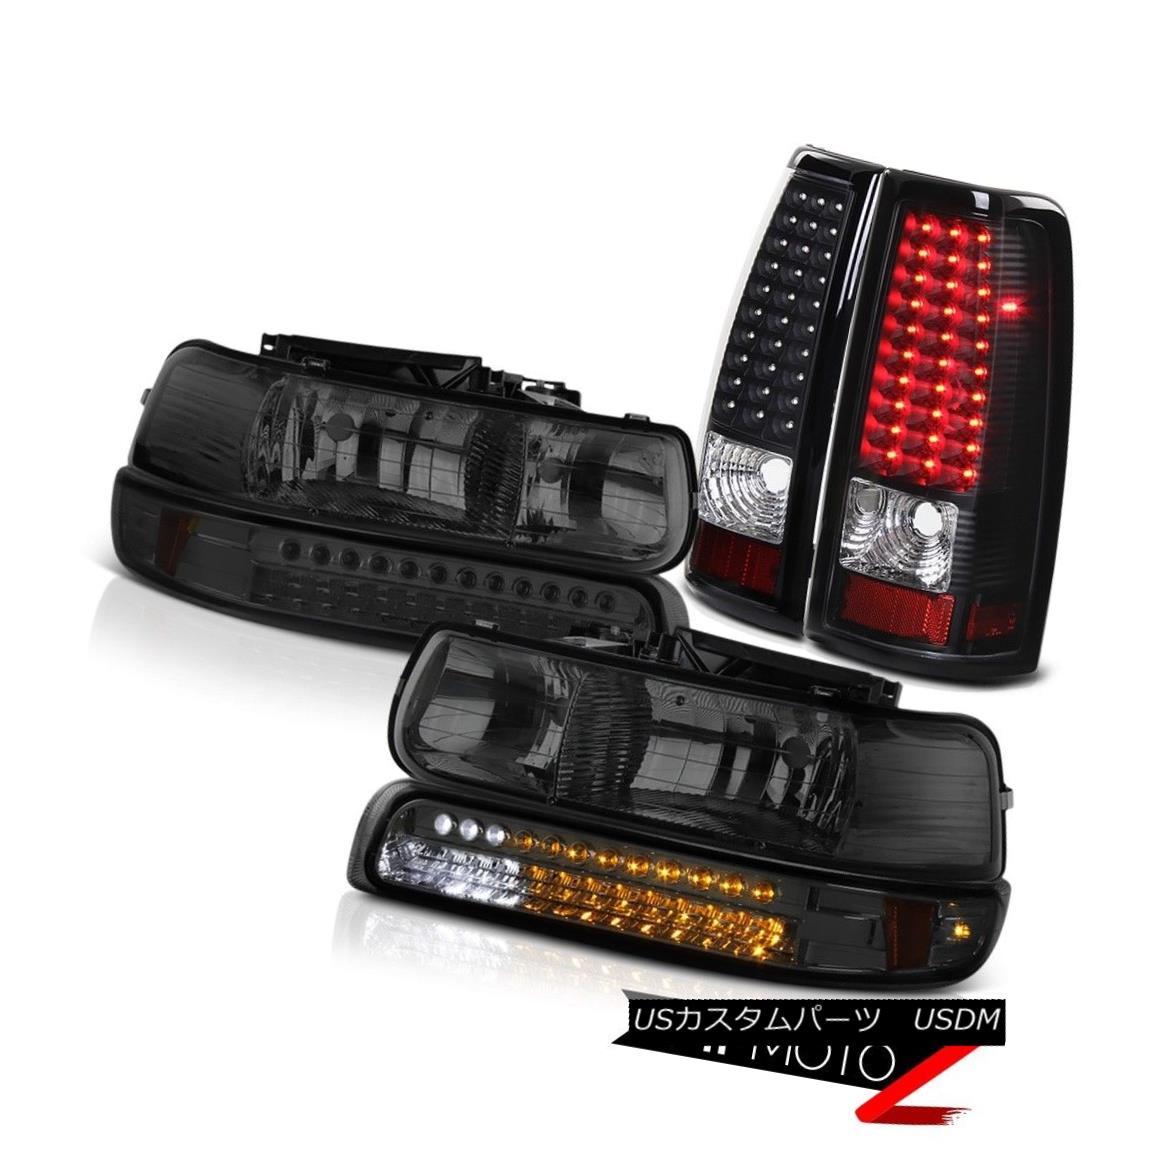 ヘッドライト 2001 2002 Silverado Extended Regular Smoke LED Bumper Headlamp Bright Tail Light 2001年2002 Silverado拡張正規の煙LEDバンパーヘッドライトブライトテールライト